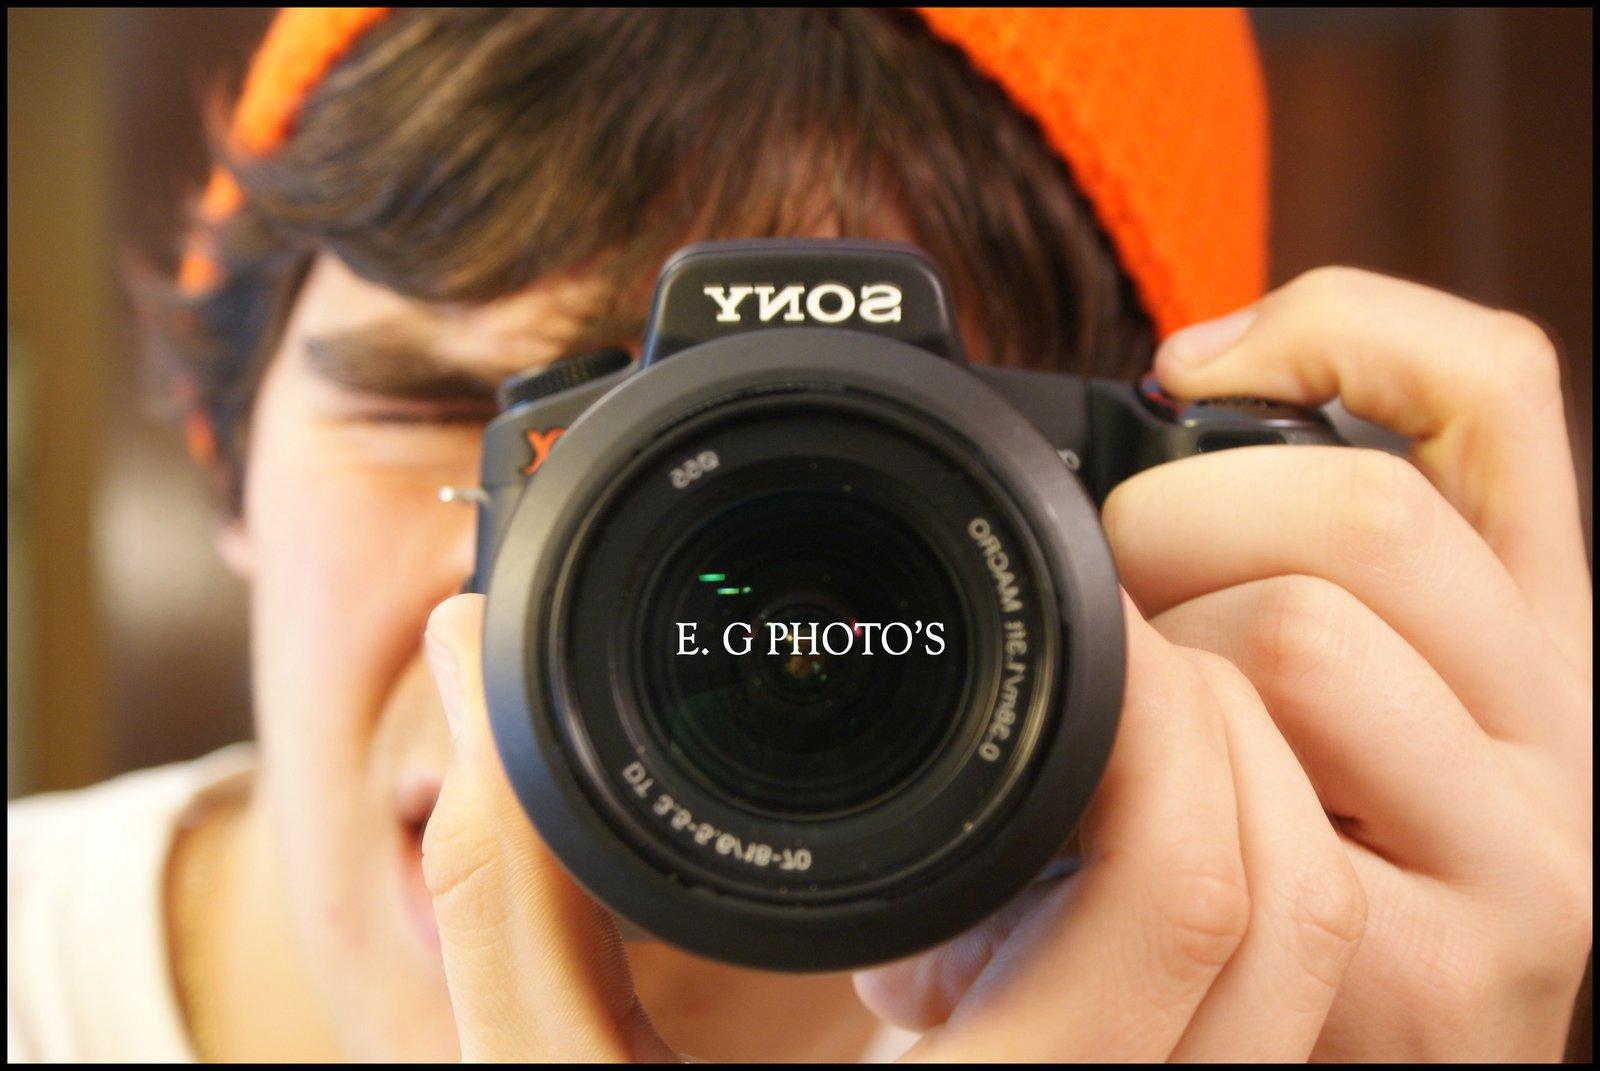 E.G PHOTO'S